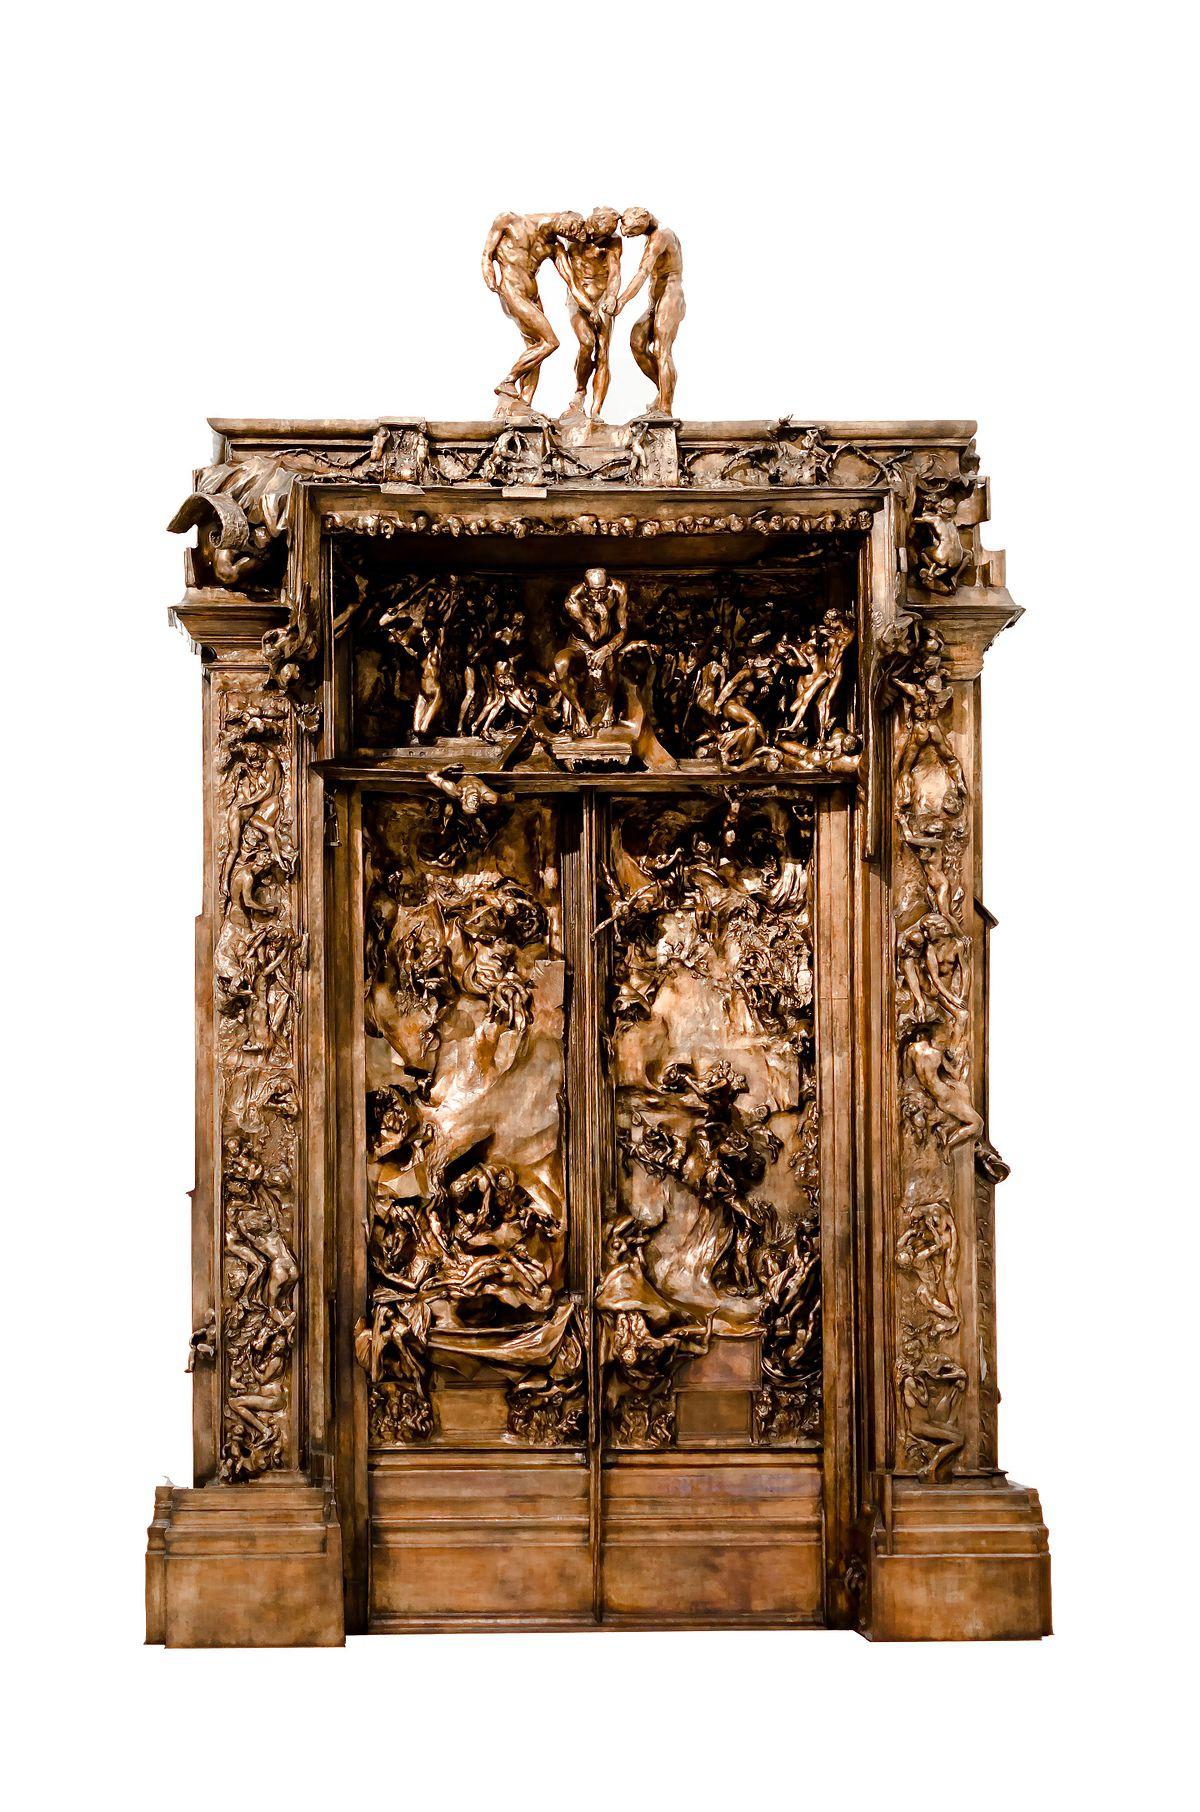 La puerta del Infierno (escultura) - Wikipedia, la enciclopedia libre